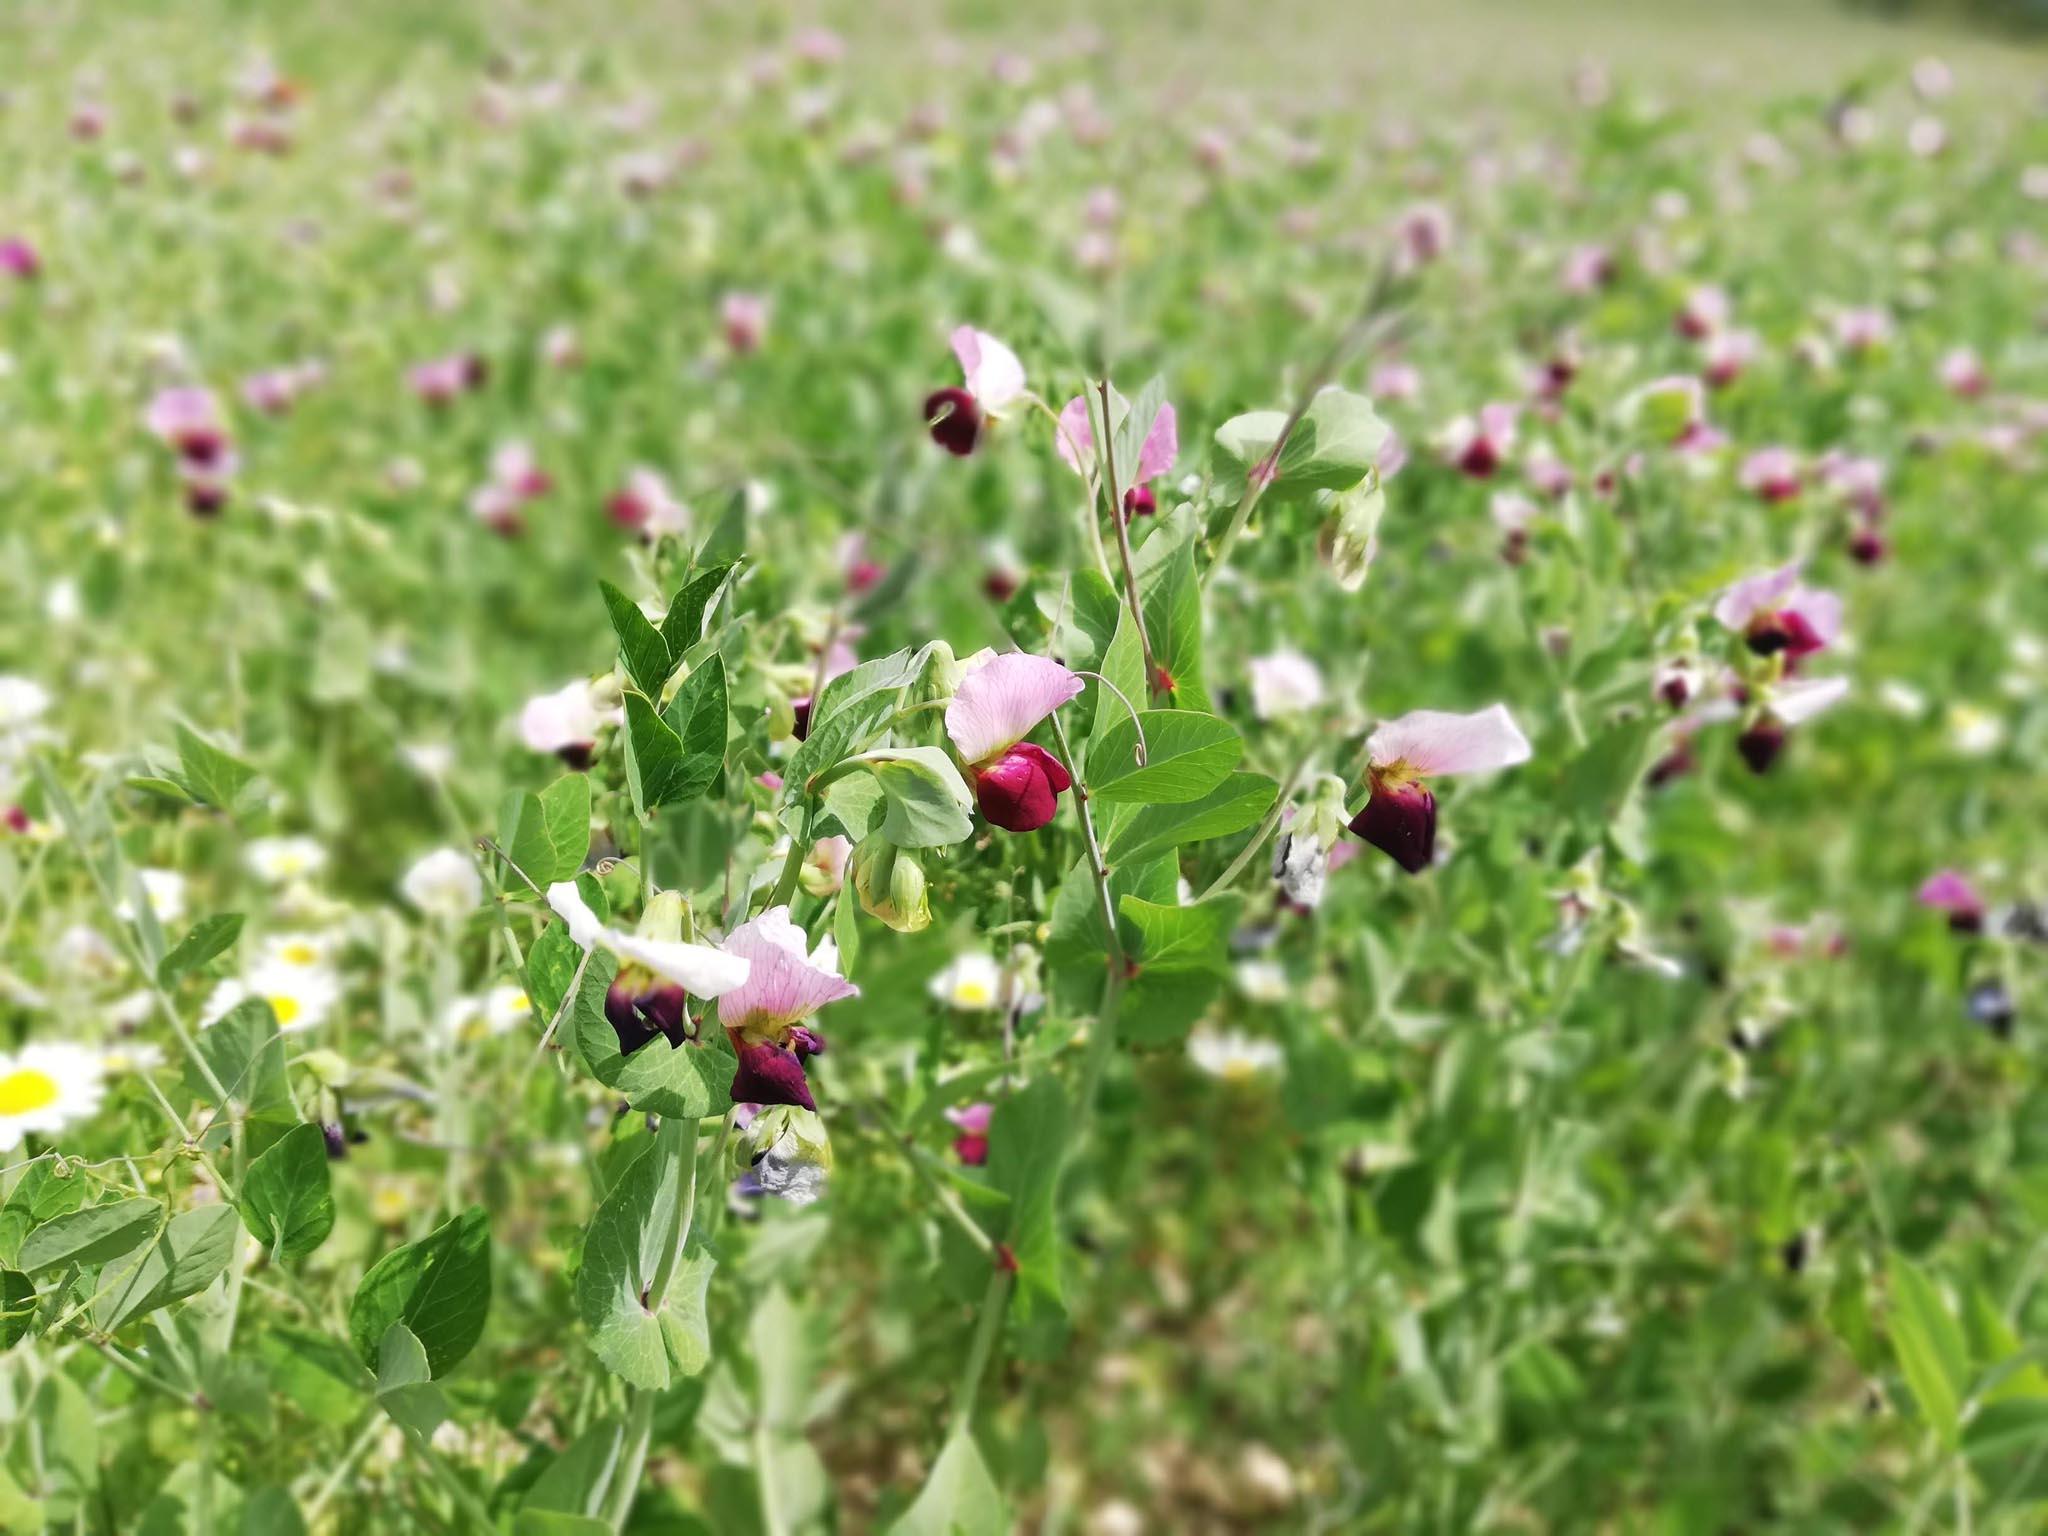 fiori viola su sfondo verde legumi e cereali